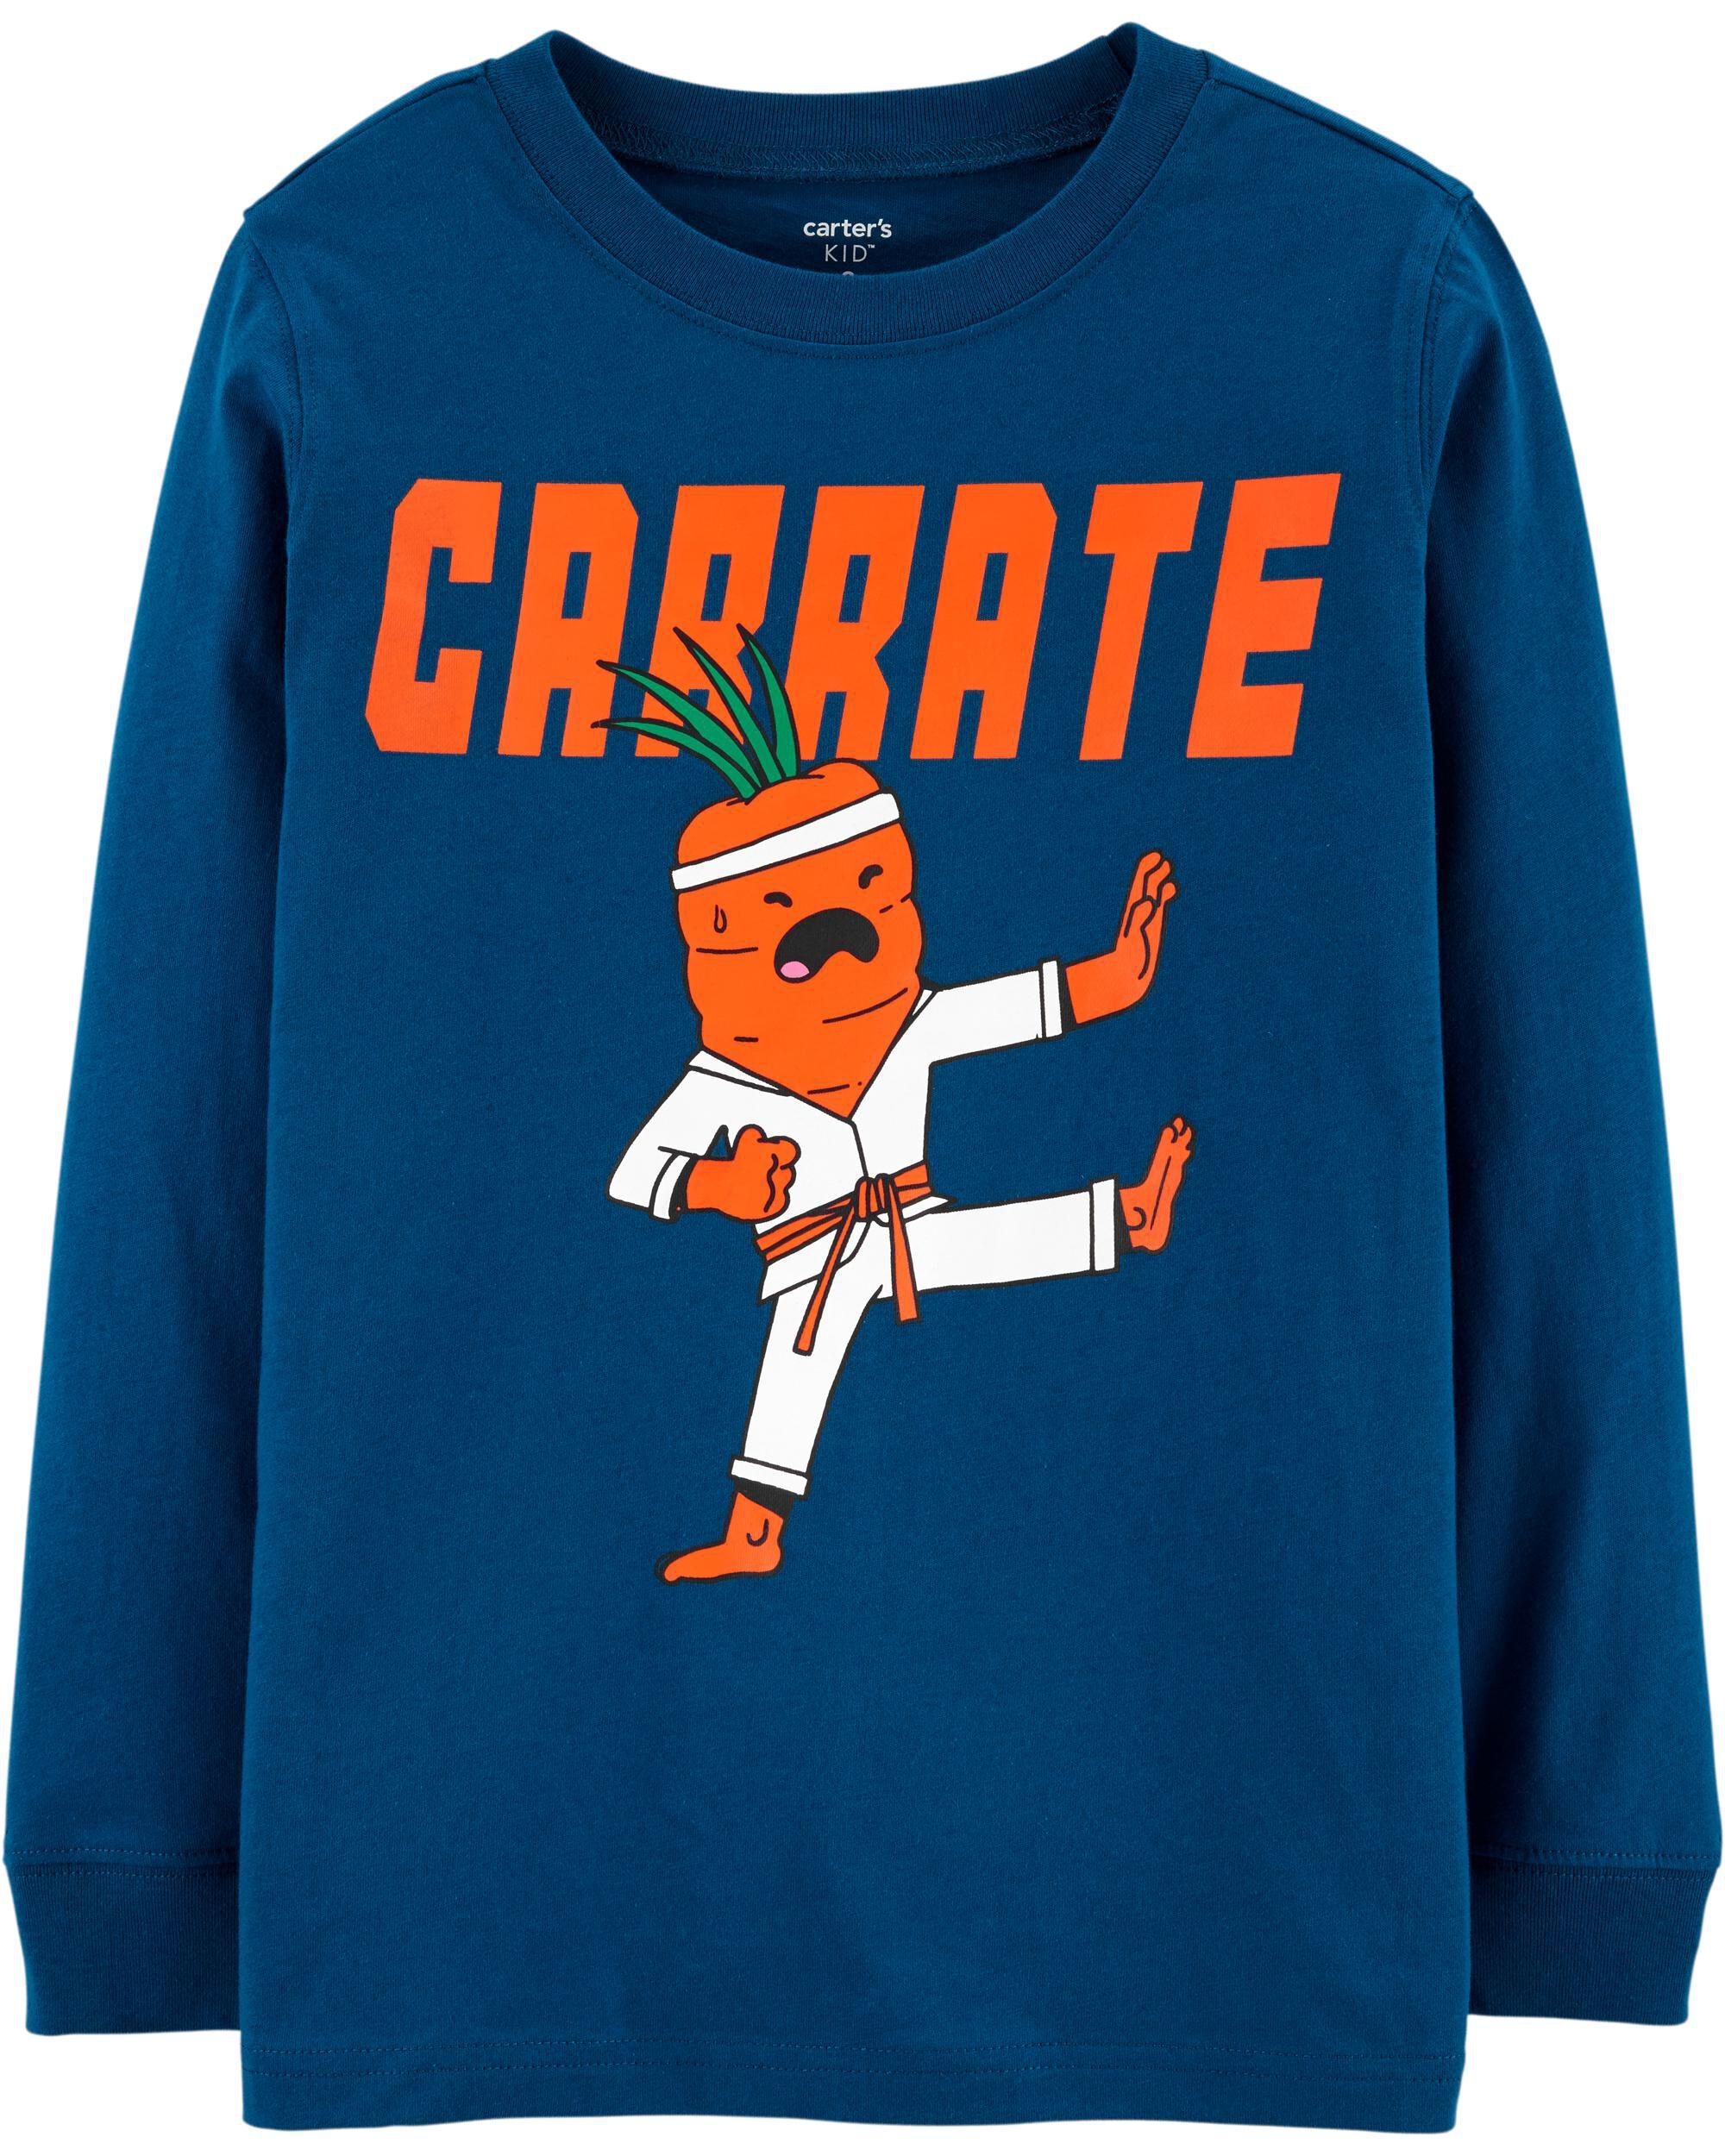 *DOORBUSTER* Karate Carrot Jersey Tee